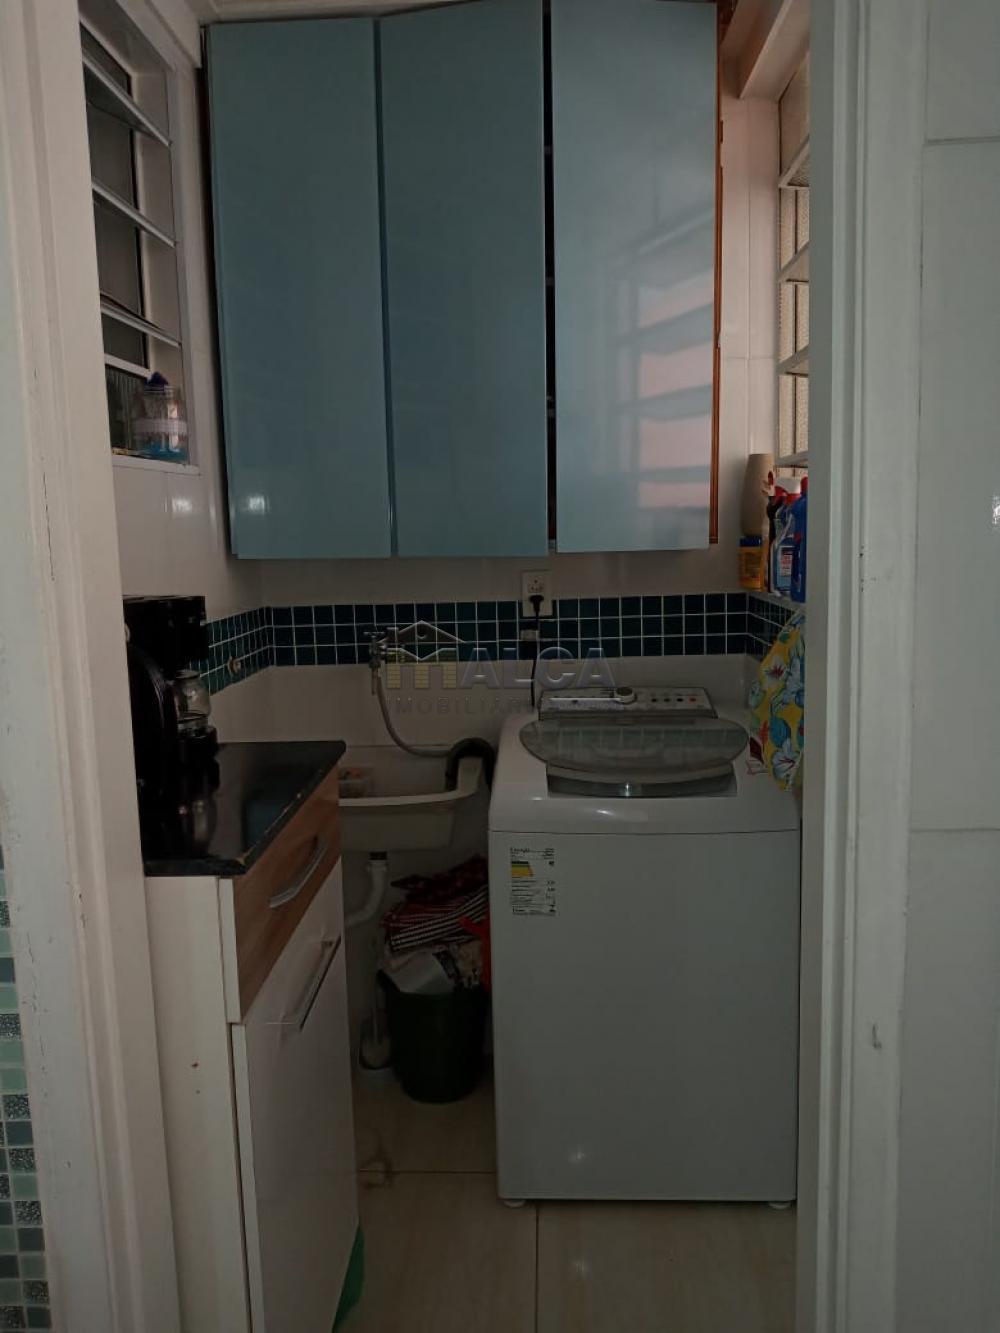 Comprar Apartamentos / Padrão em São Paulo R$ 350.000,00 - Foto 13